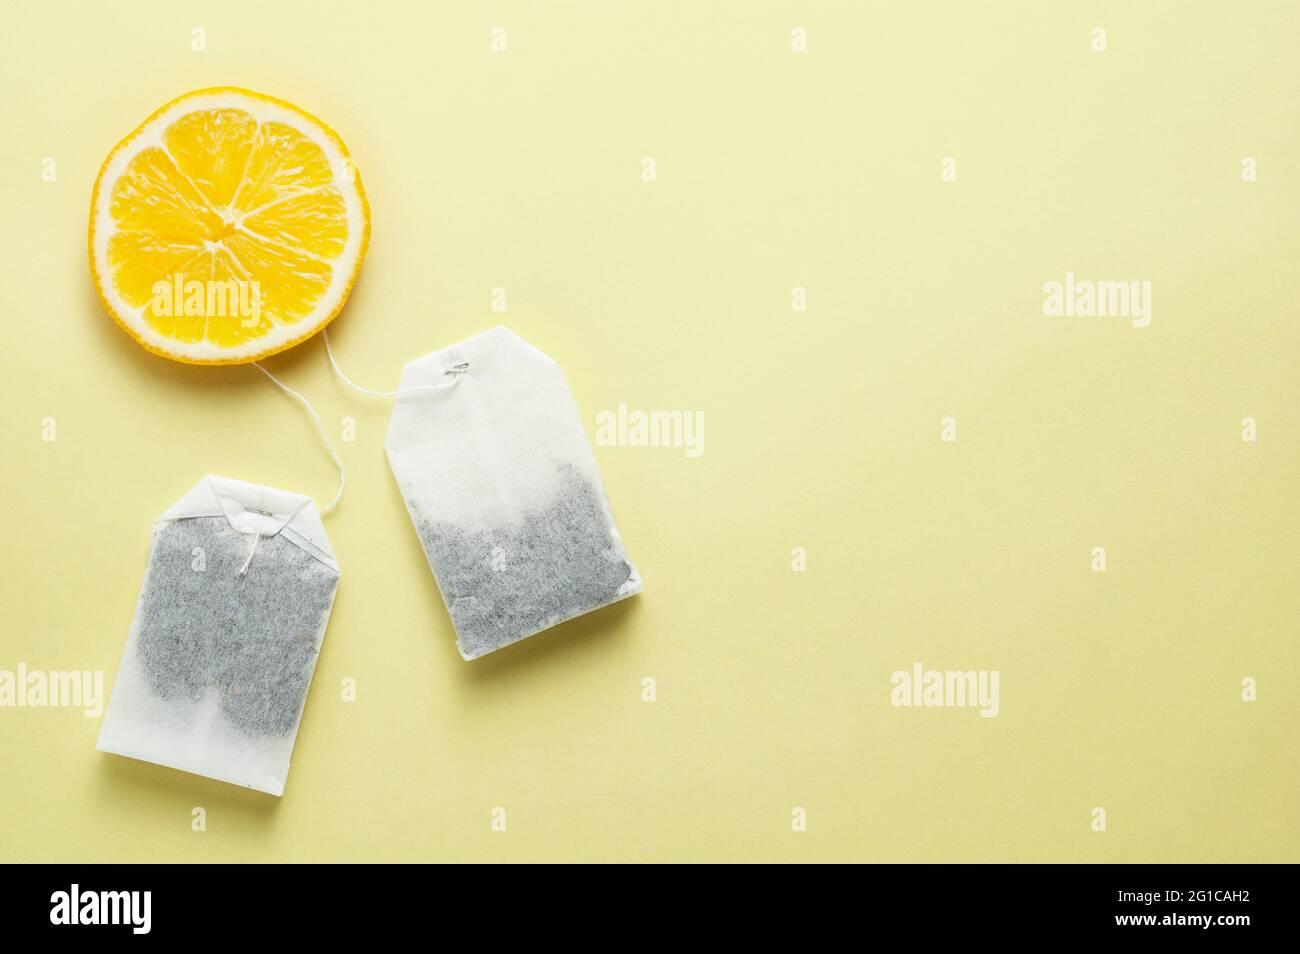 Sachets de thé et une tranche de citron sur fond jaune Banque D'Images